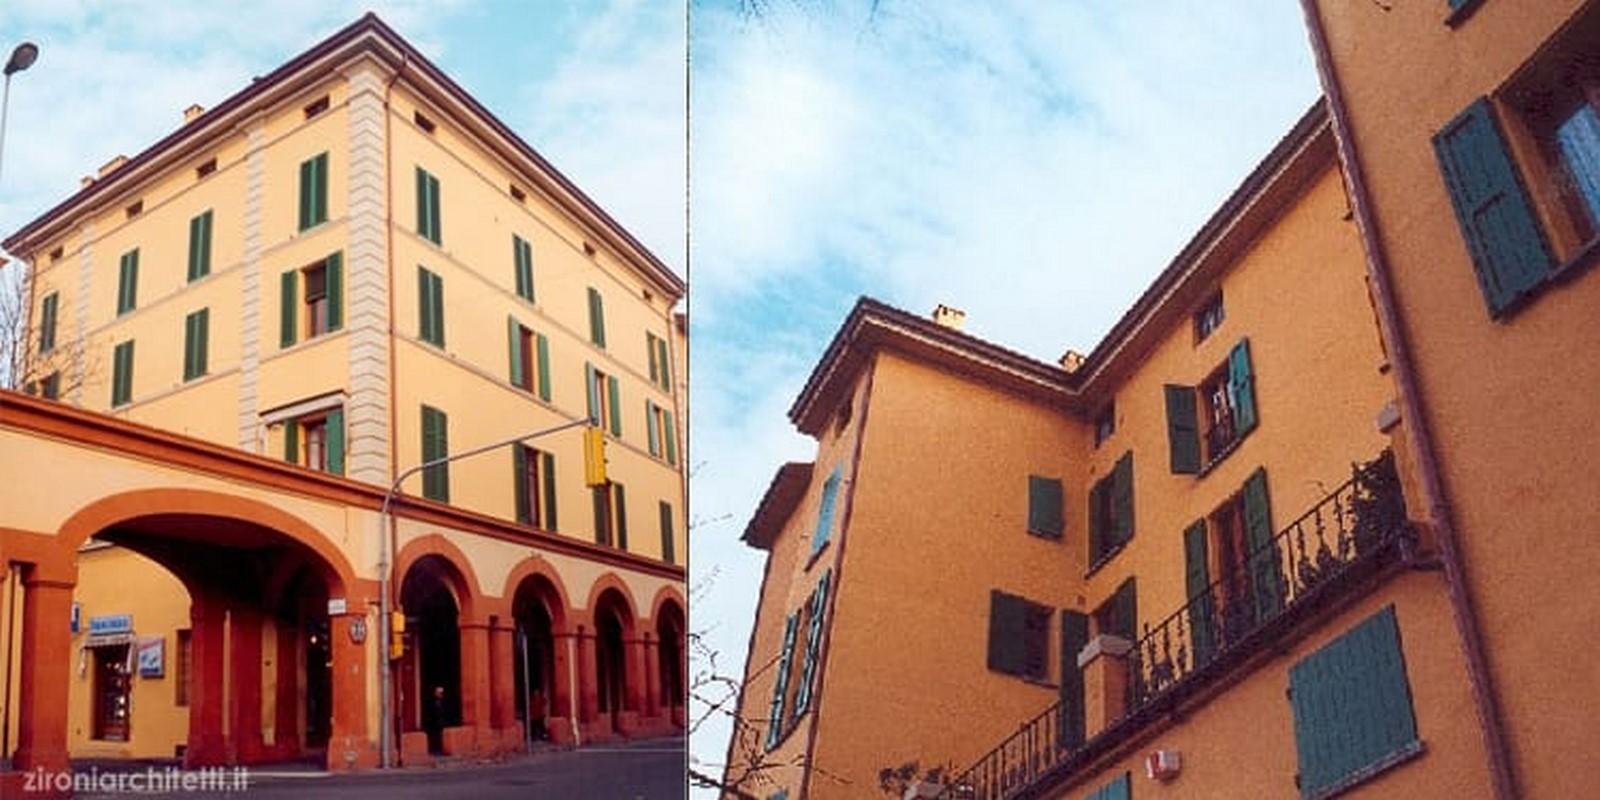 Architects in Bologna - Top 60 Architects in Bologna - Sheet58